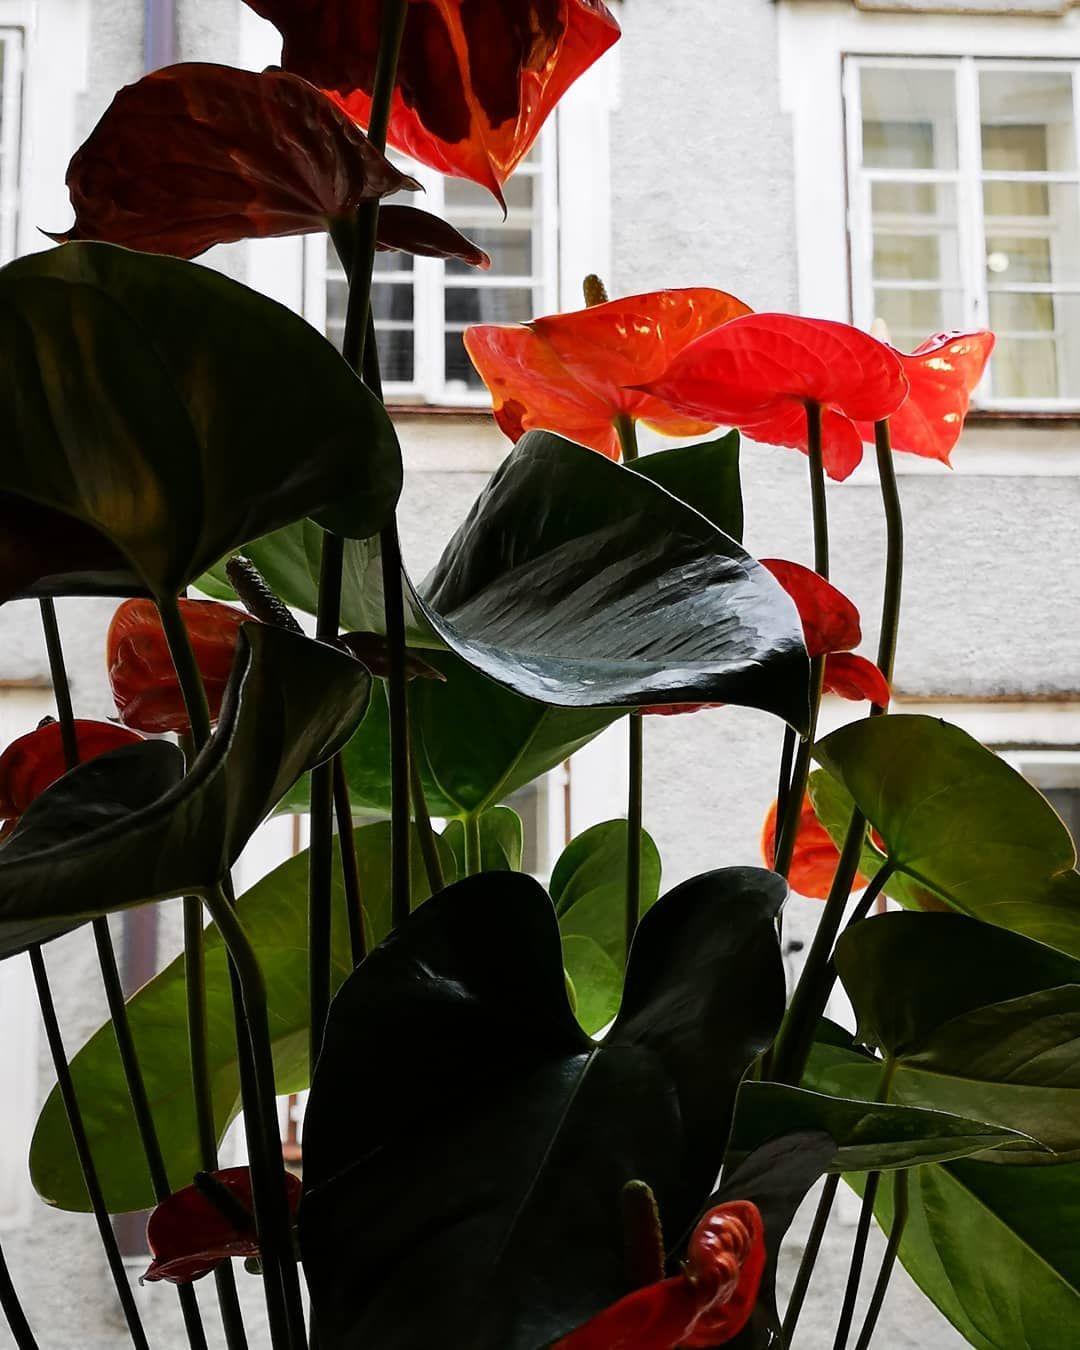 Insekten Garten Foto Fotografie Stadt Kultur Happyday Kunst Blumen Rosen Landschaft Natur Rosen Global Flowers Kindb Plant Leaves Plants Leaves